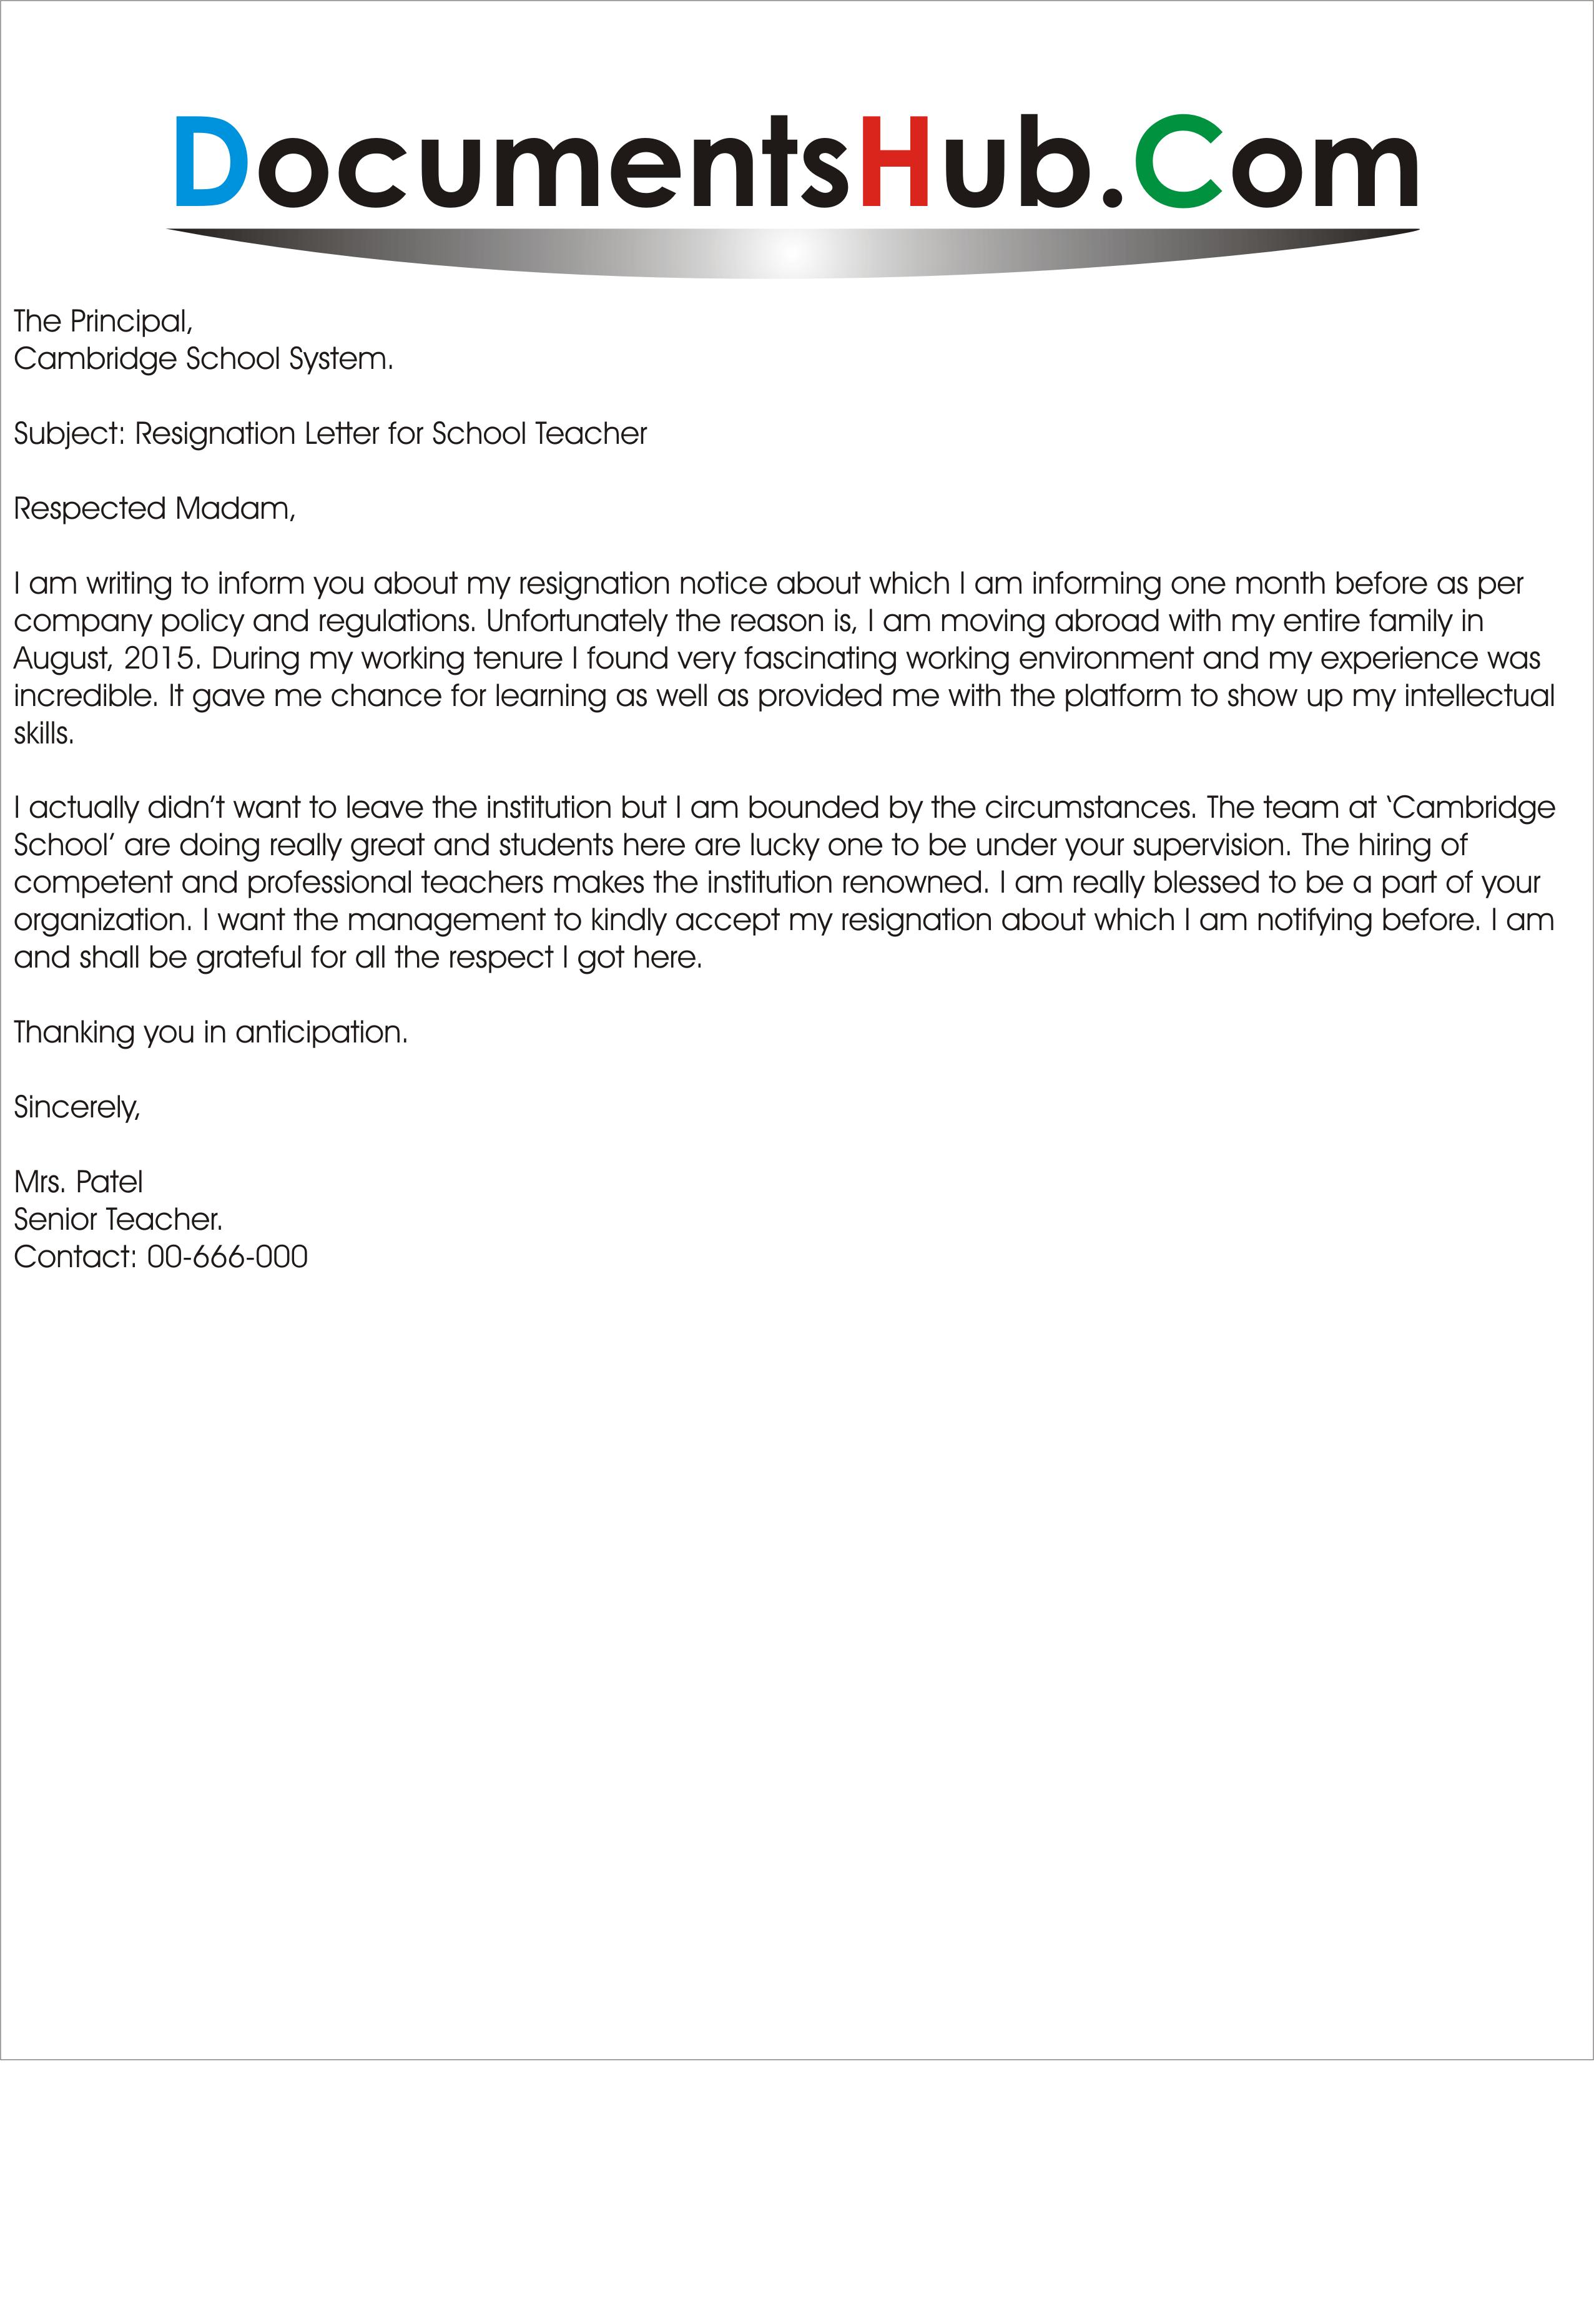 resignation letter for school teacher - Resignation Letter Health